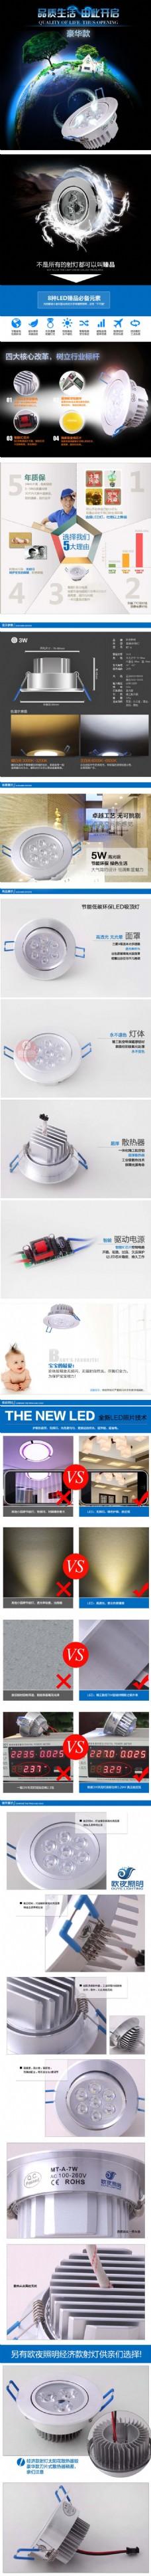 节能低碳环保LED吸顶灯-灯具描述